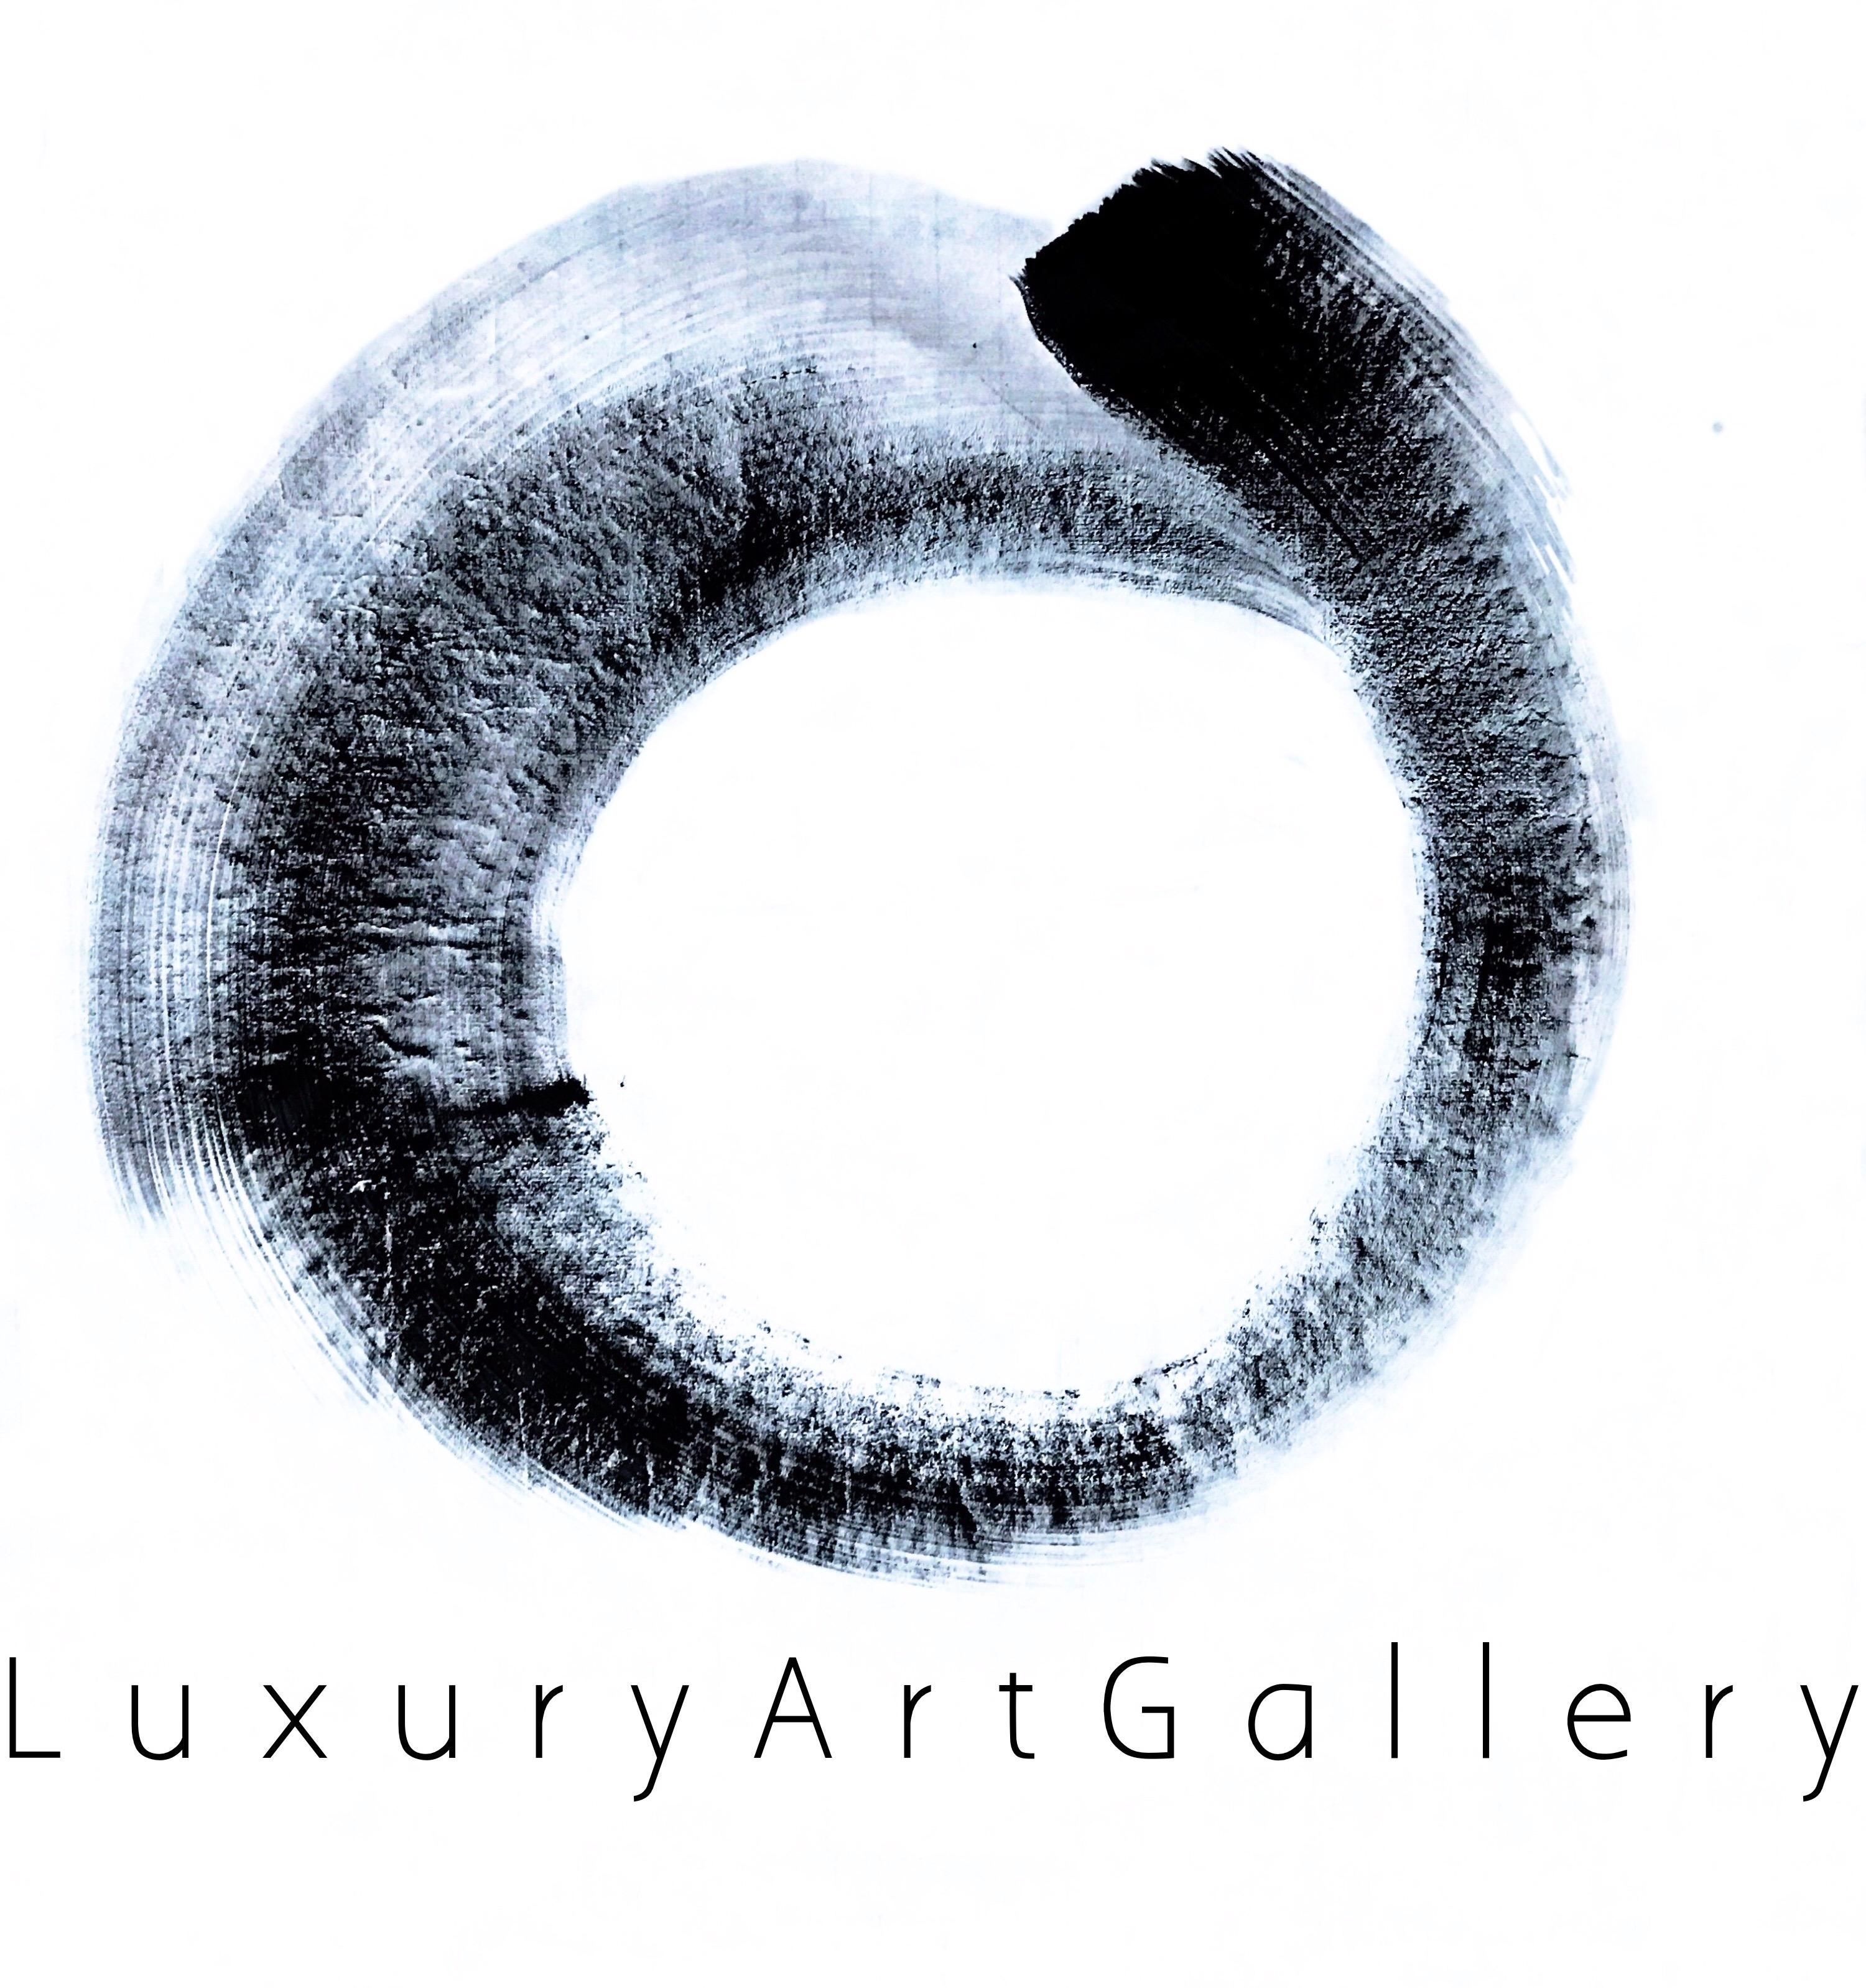 LuxuryArtGallery